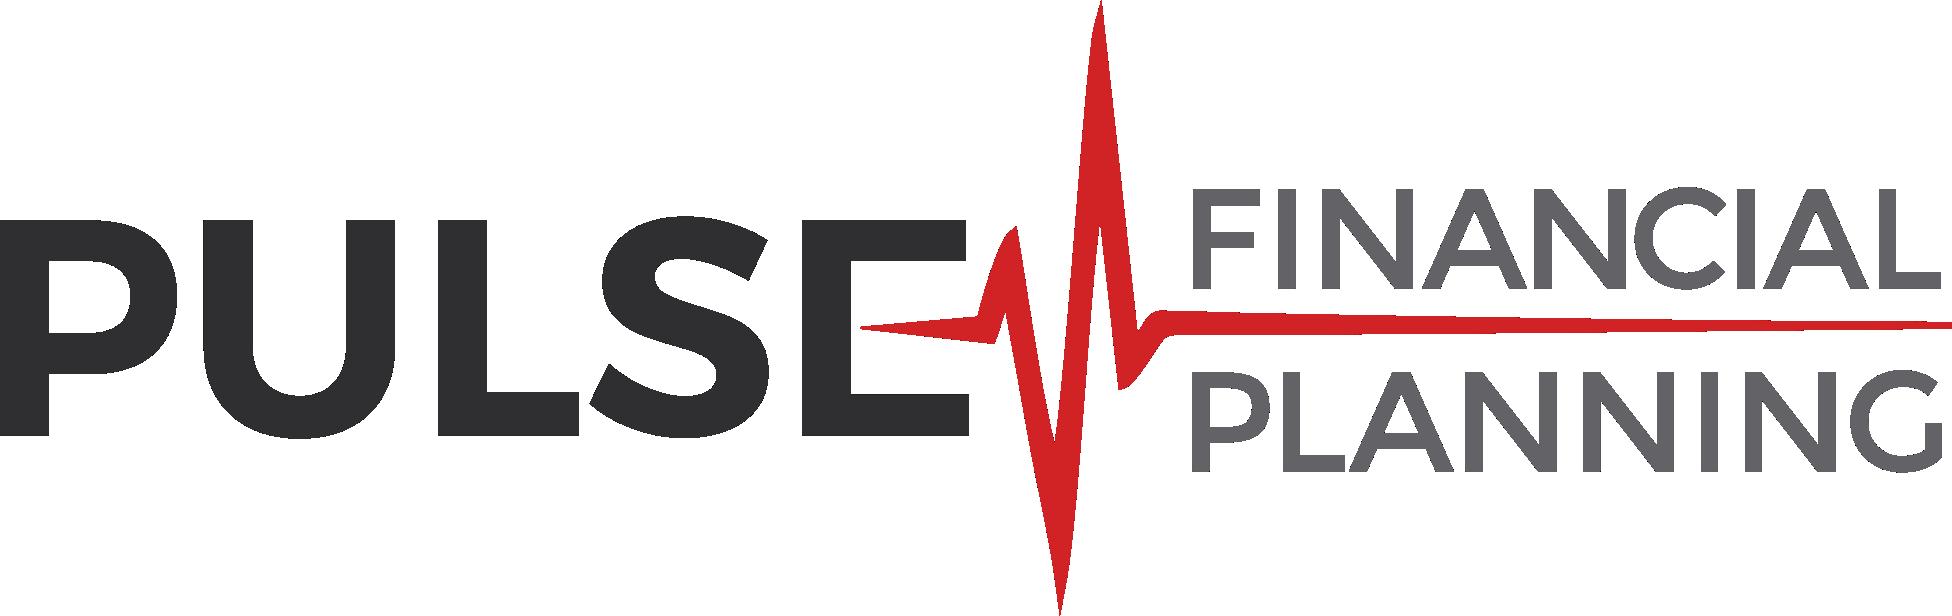 Pulse Financial Planning Logo